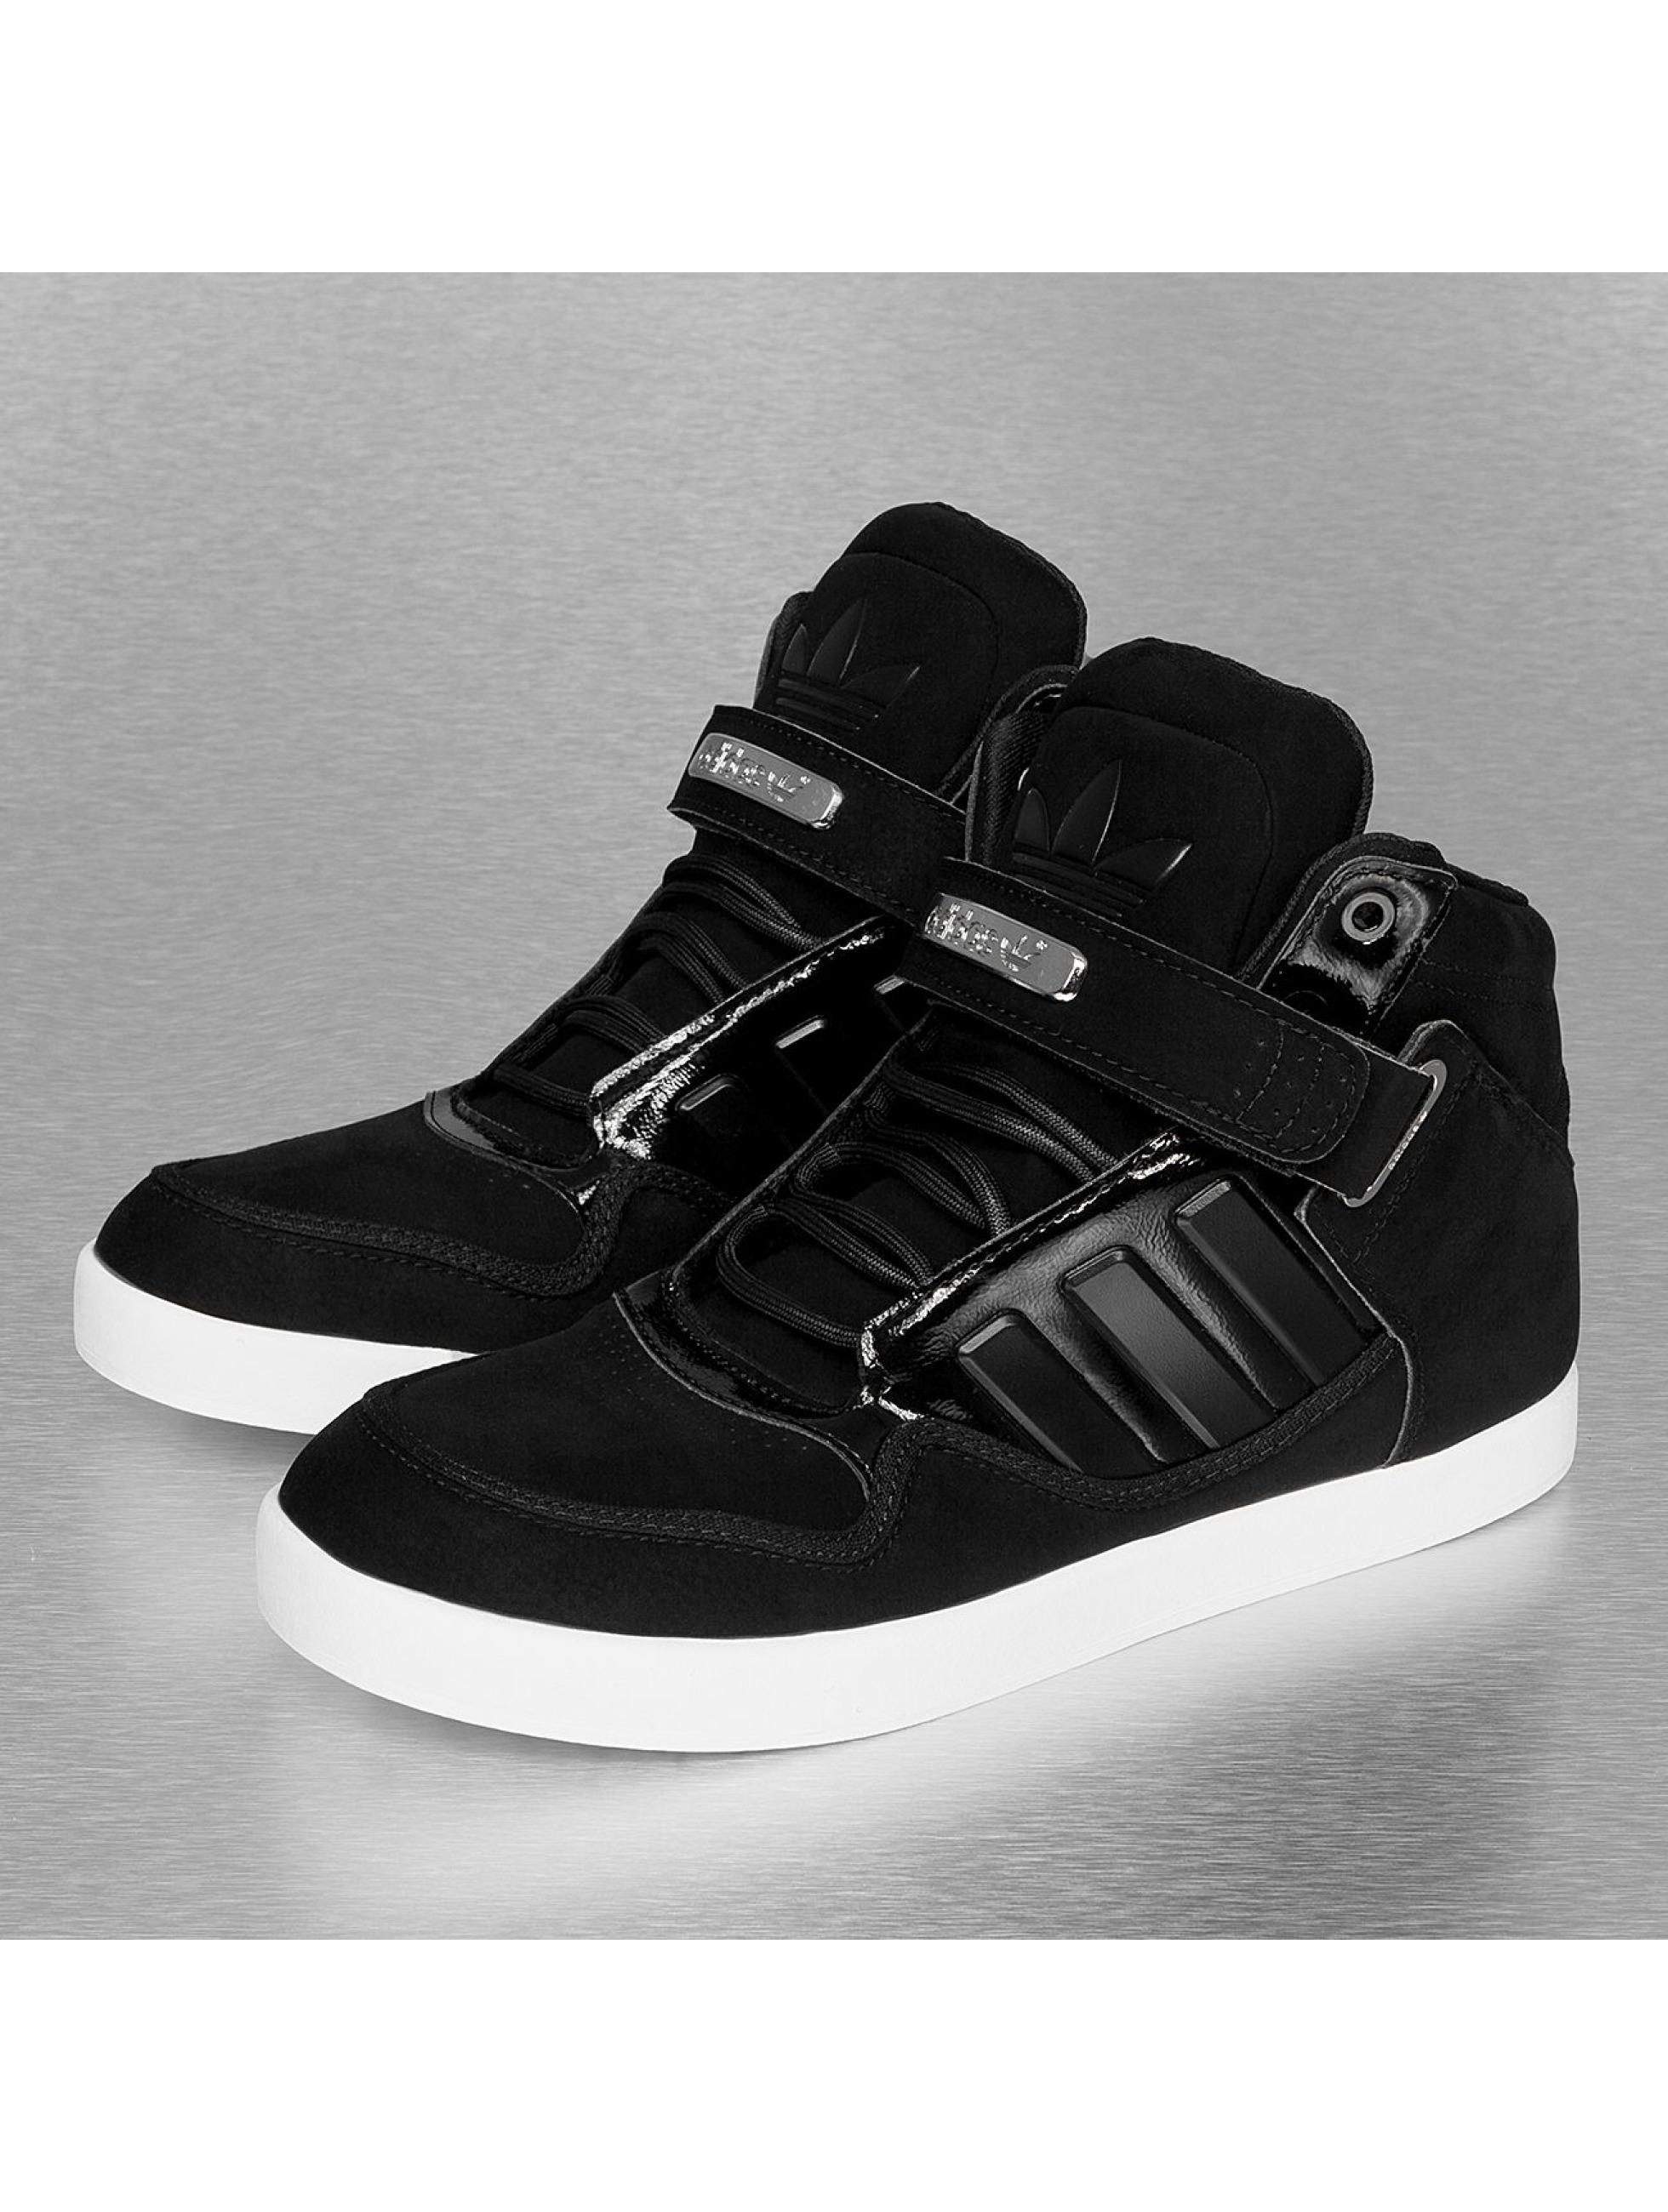 Adidas Ar 2.0 Femme